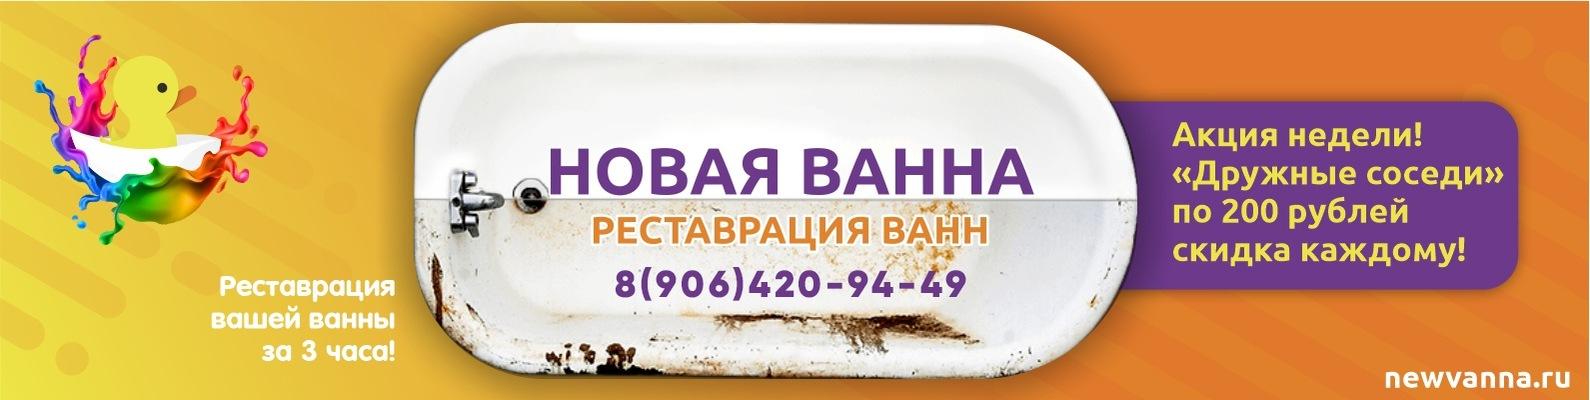 Компания новая ванна официальный сайт западно сибирская строительная компания официальный сайт